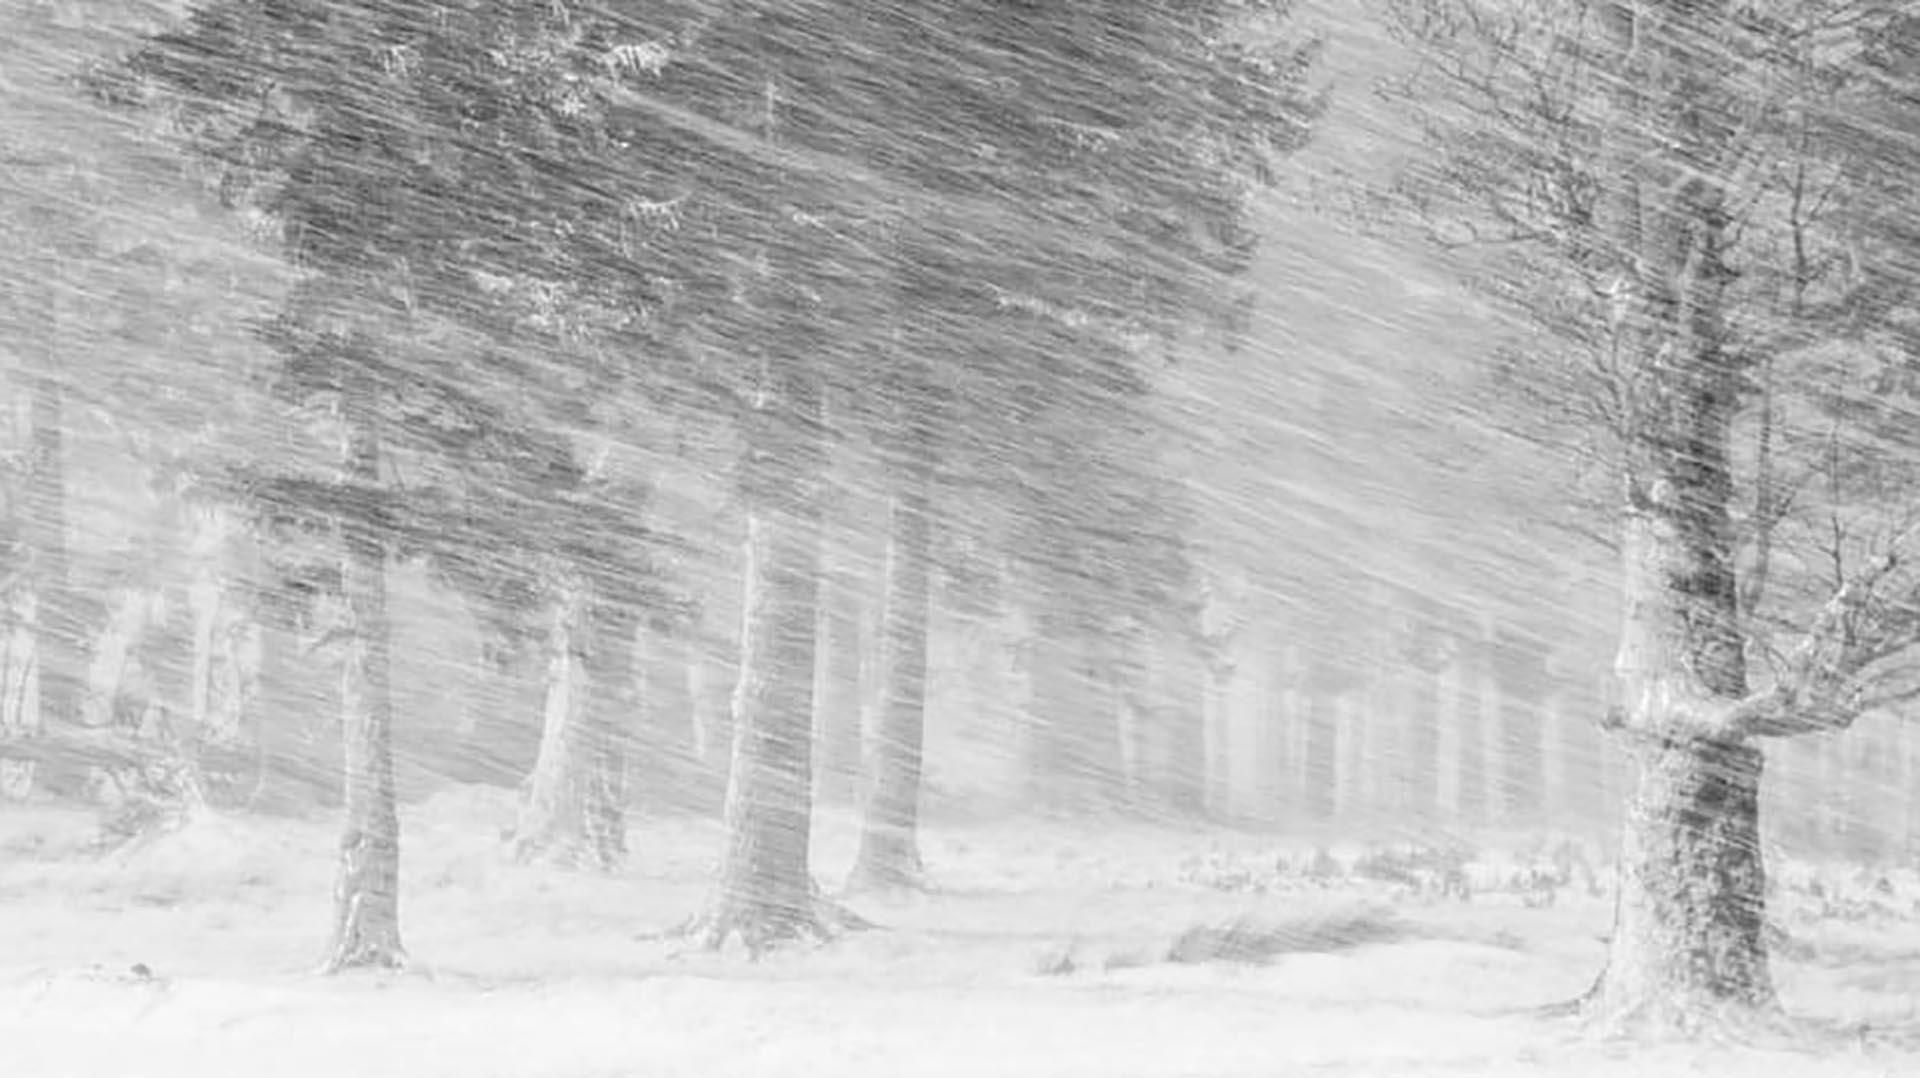 En la categoría Snow, la imagen ganadora es la del Parque Nacional de las Montañas Ciucas en Rumanía, de Cosmin Stan